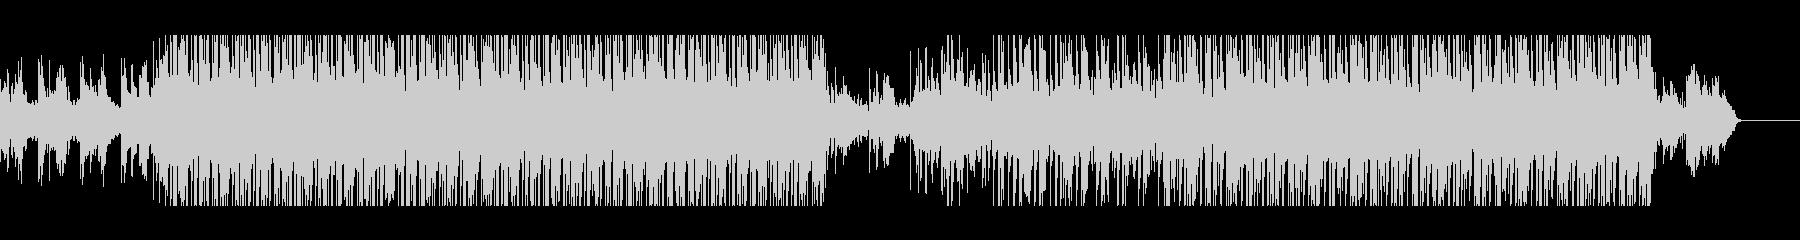 ダークシンセウェーブの未再生の波形